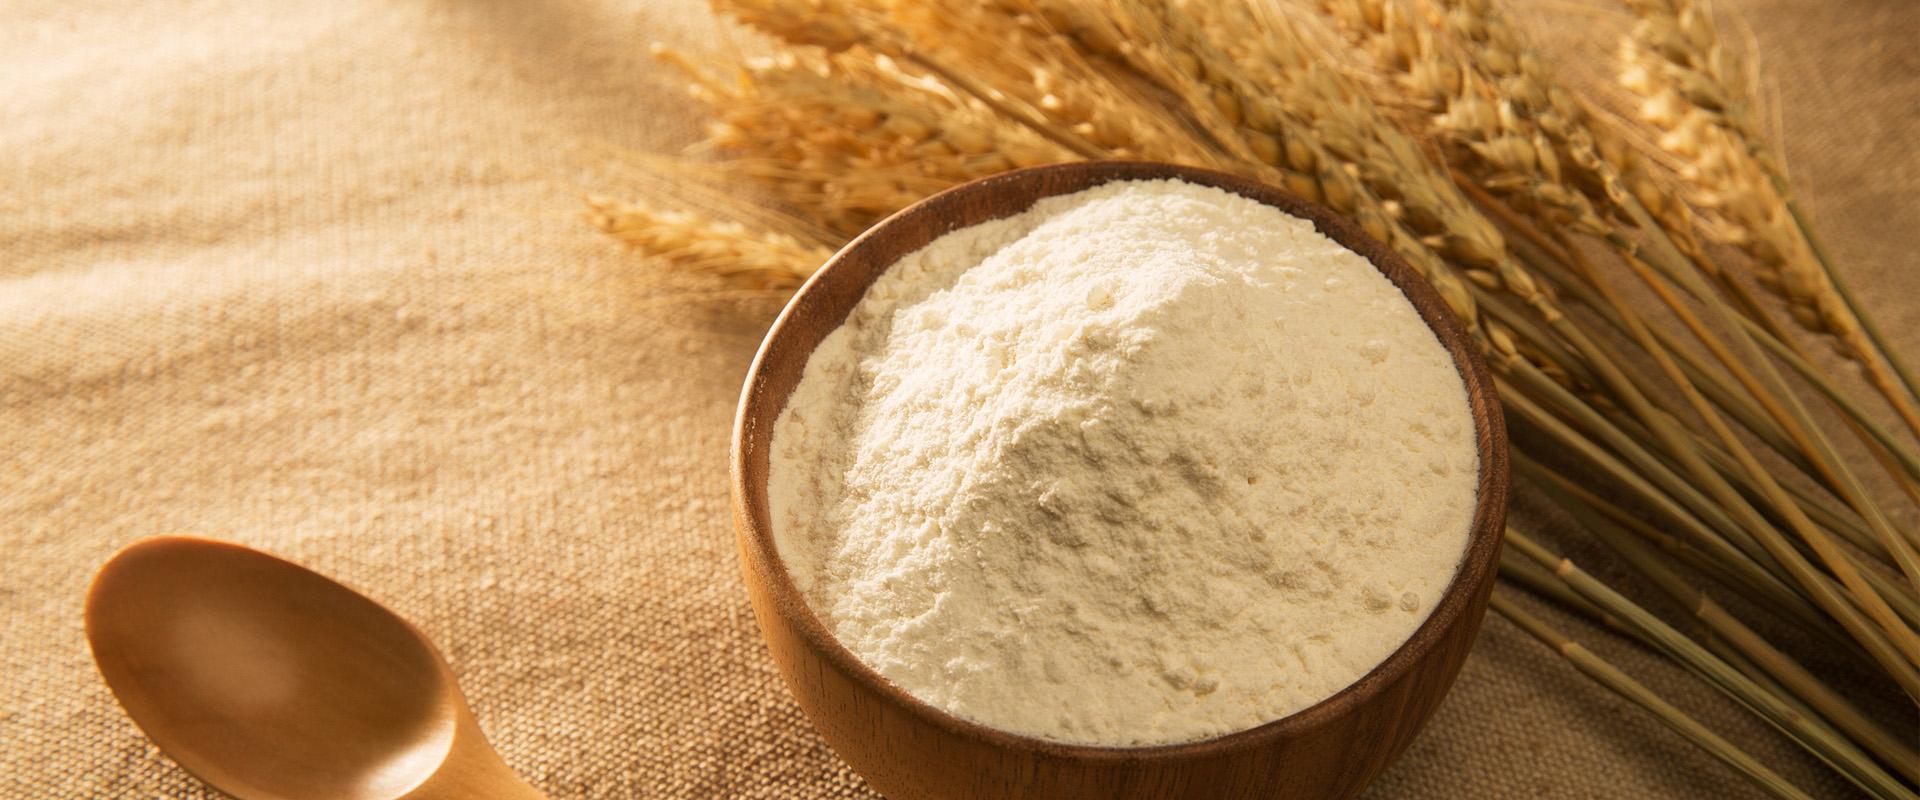 萊州宏源面粉有限公司